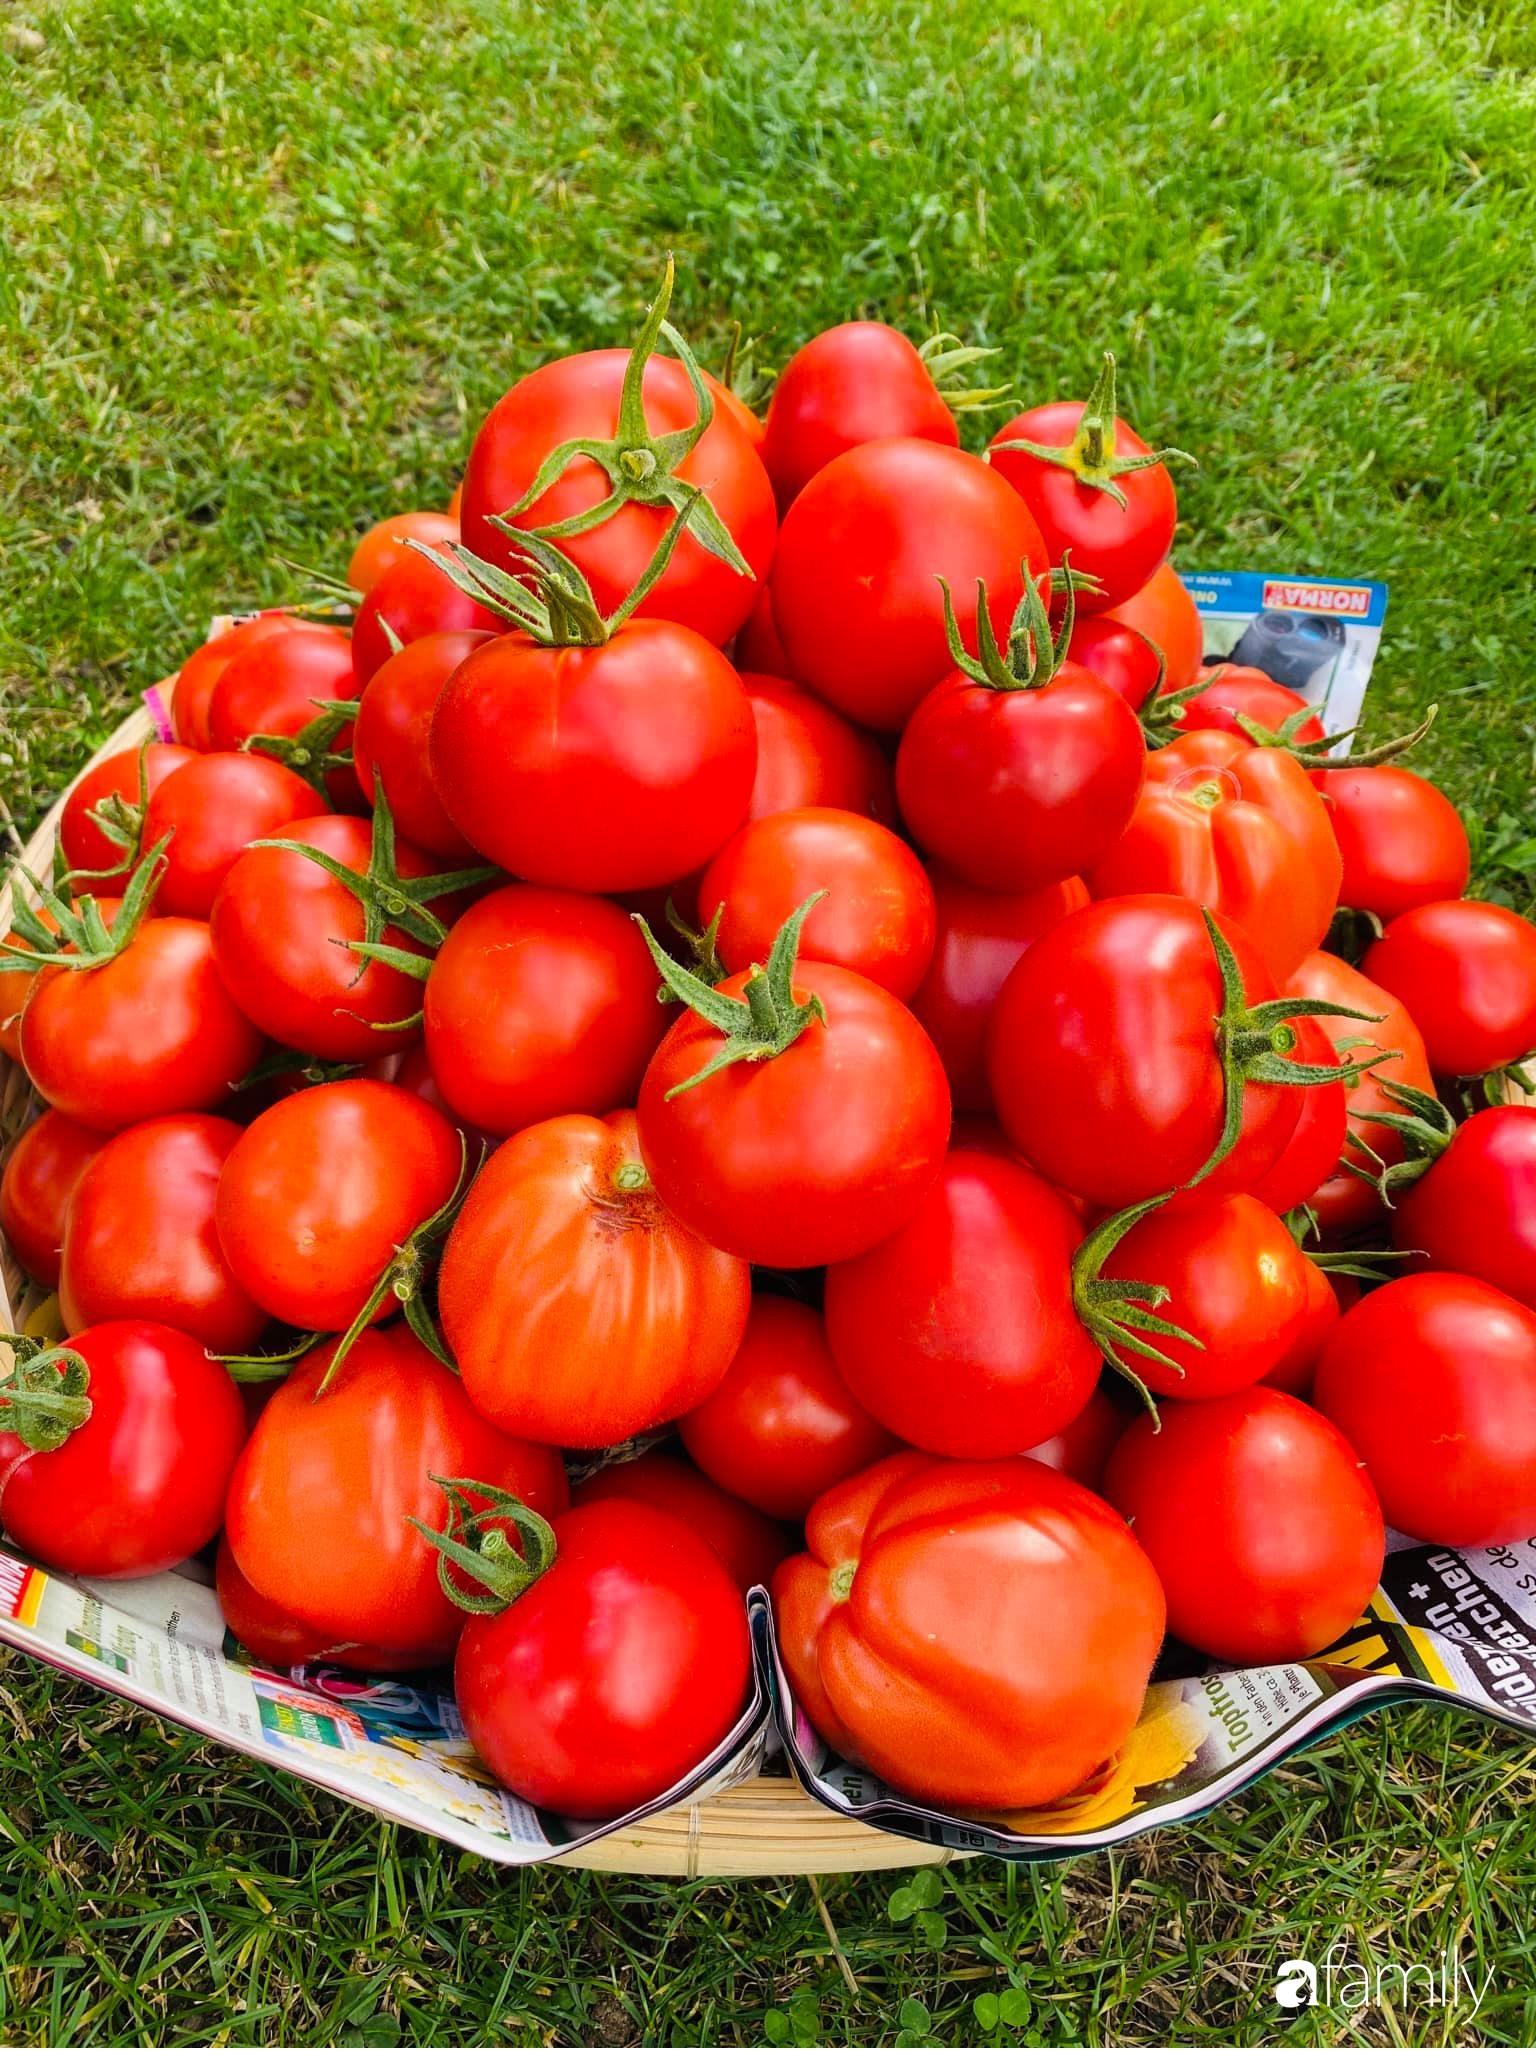 Khu vườn 200m² quanh năm xanh tươi với đủ loại rau quả sạch của mẹ Việt ở Đức - Ảnh 15.